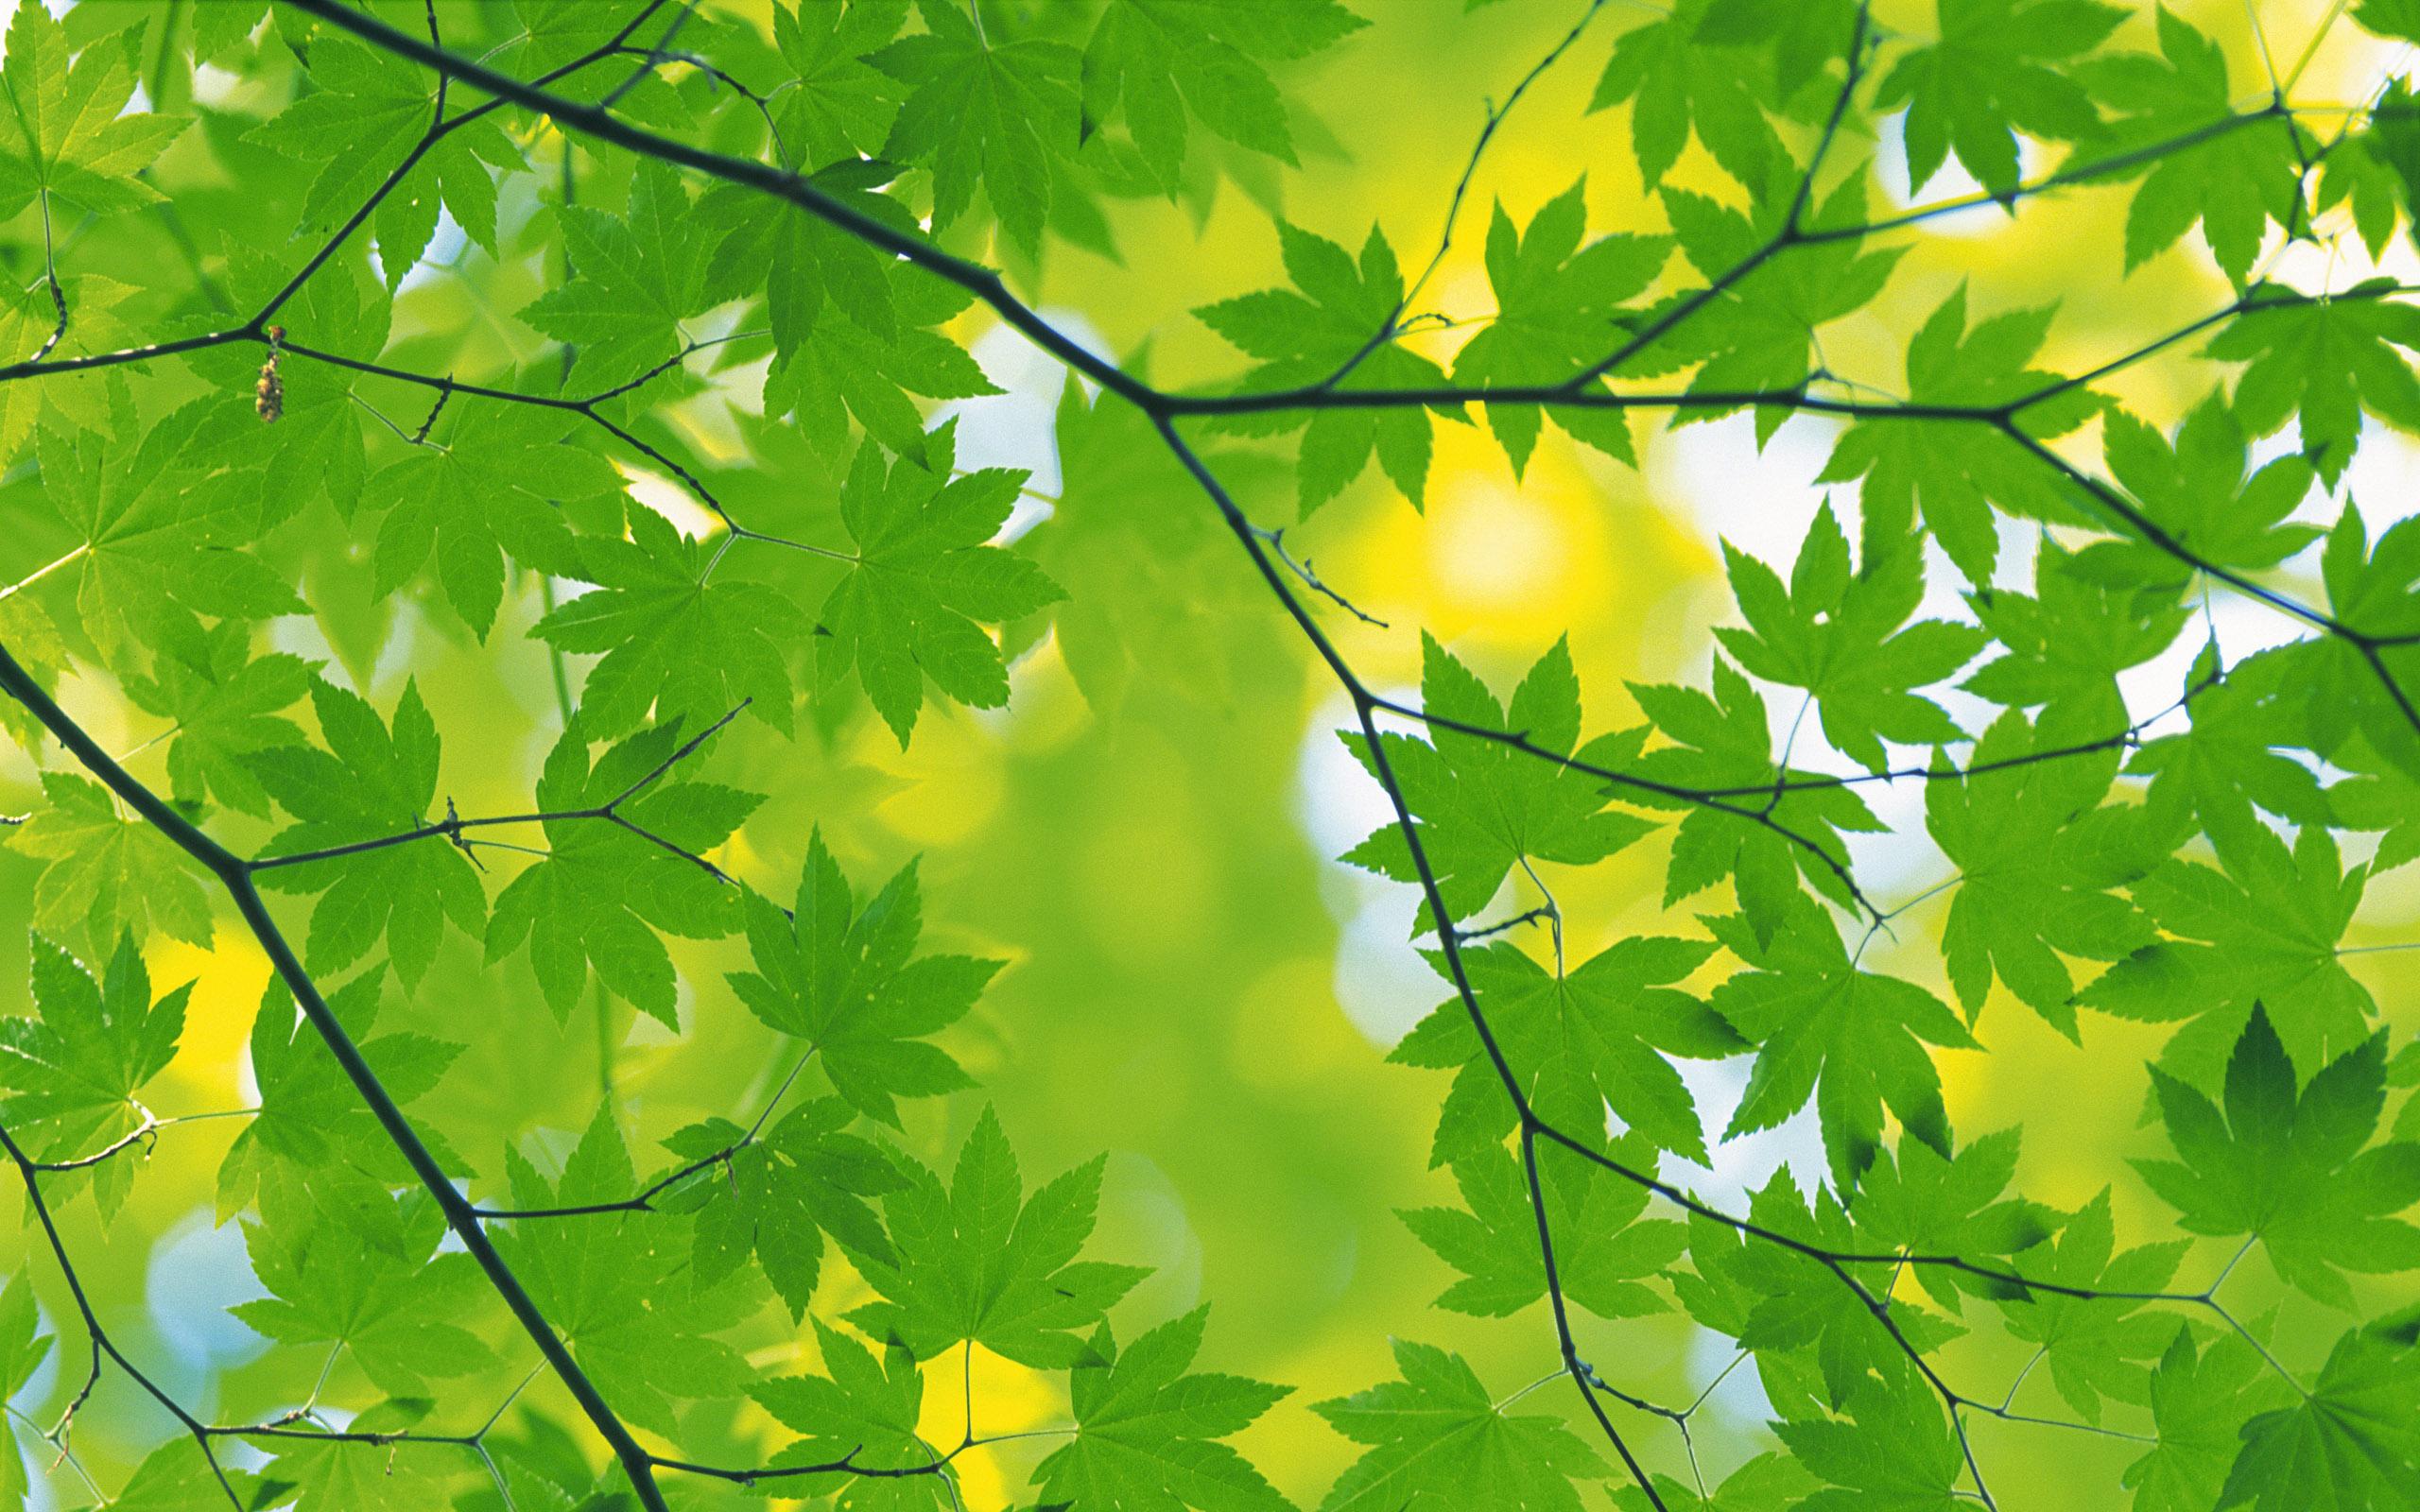 листья зелень фокус  № 1341685 без смс